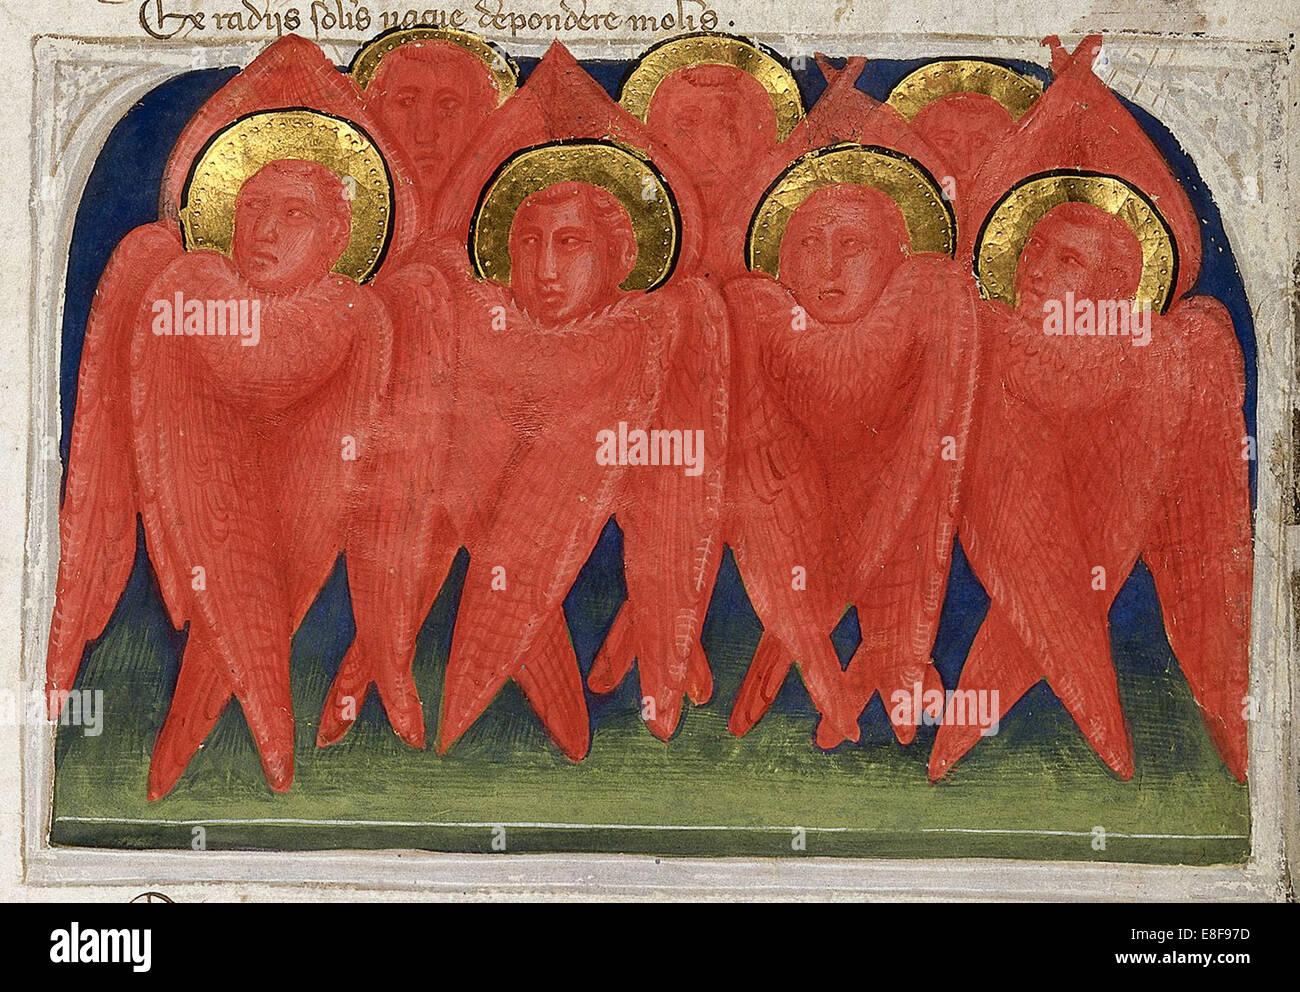 Seraphs (From Regia Carmina by Convenevole da Prato). Artist: Pacino di Buonaguida (active 1302-1343) - Stock Image